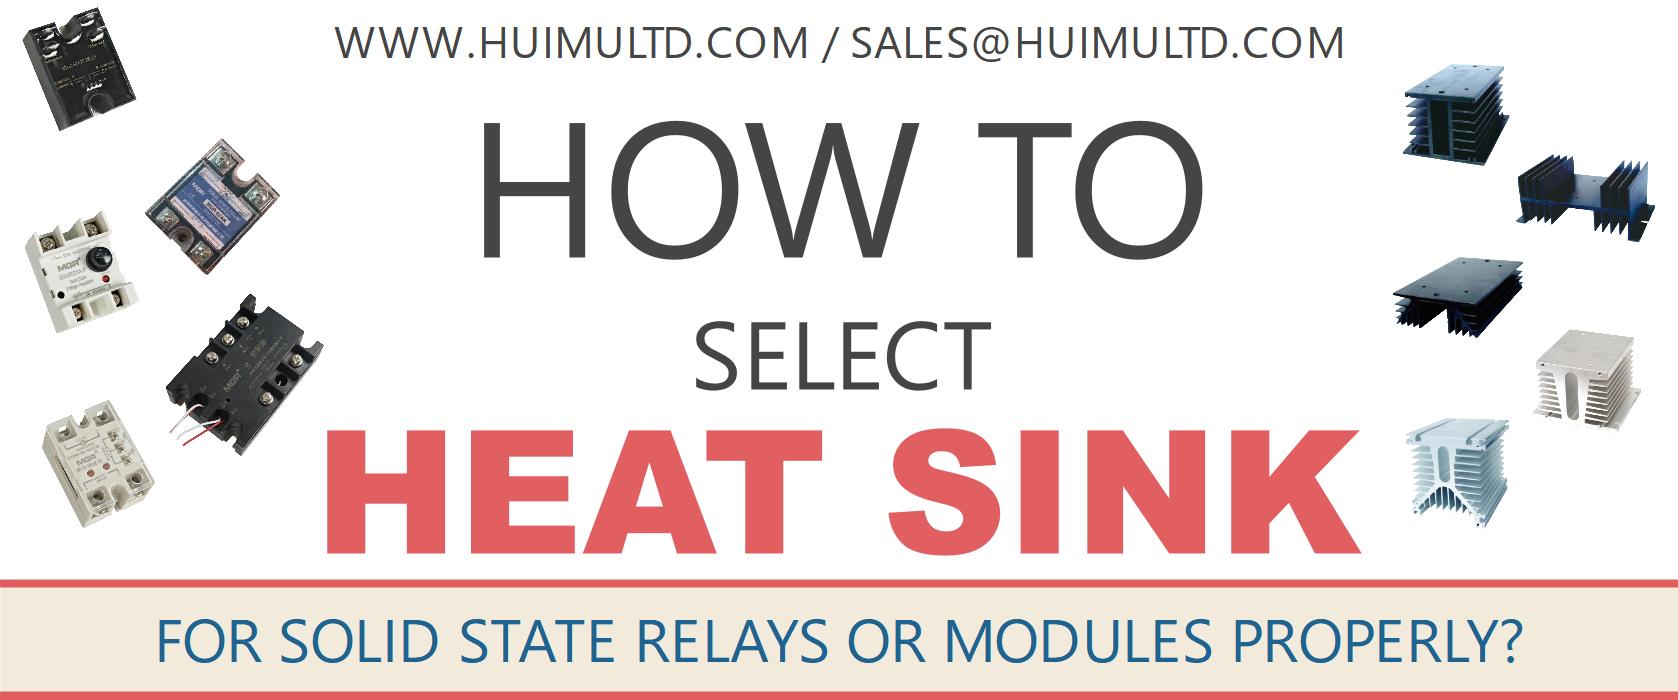 heat sink ssr select